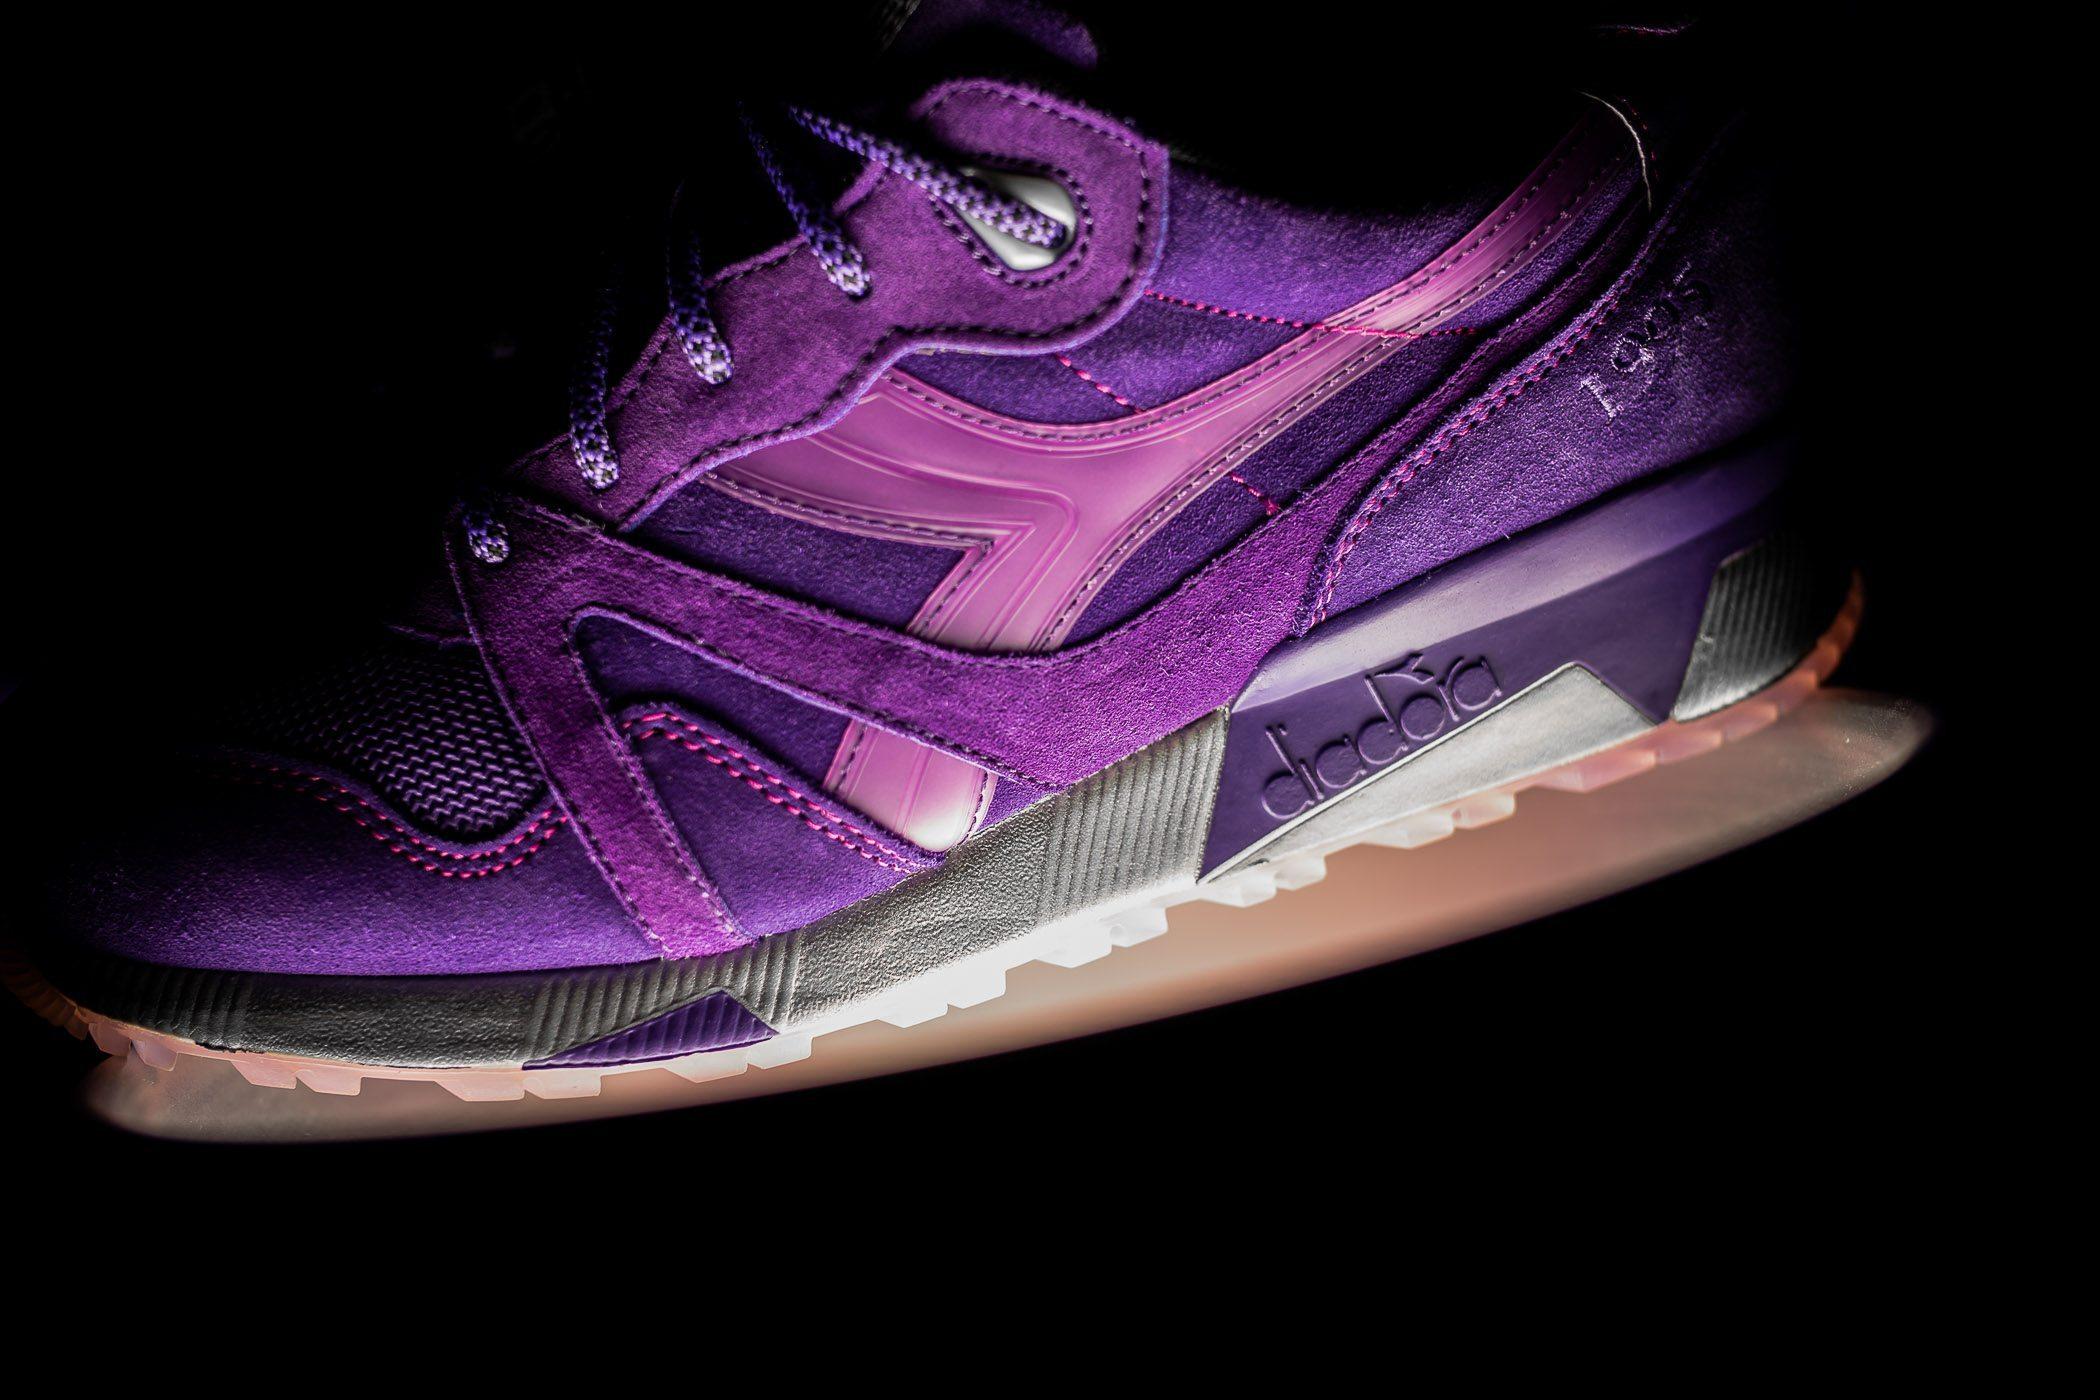 Packer Shoes x Raekwon x Diadora N9000 Purple Tape 4